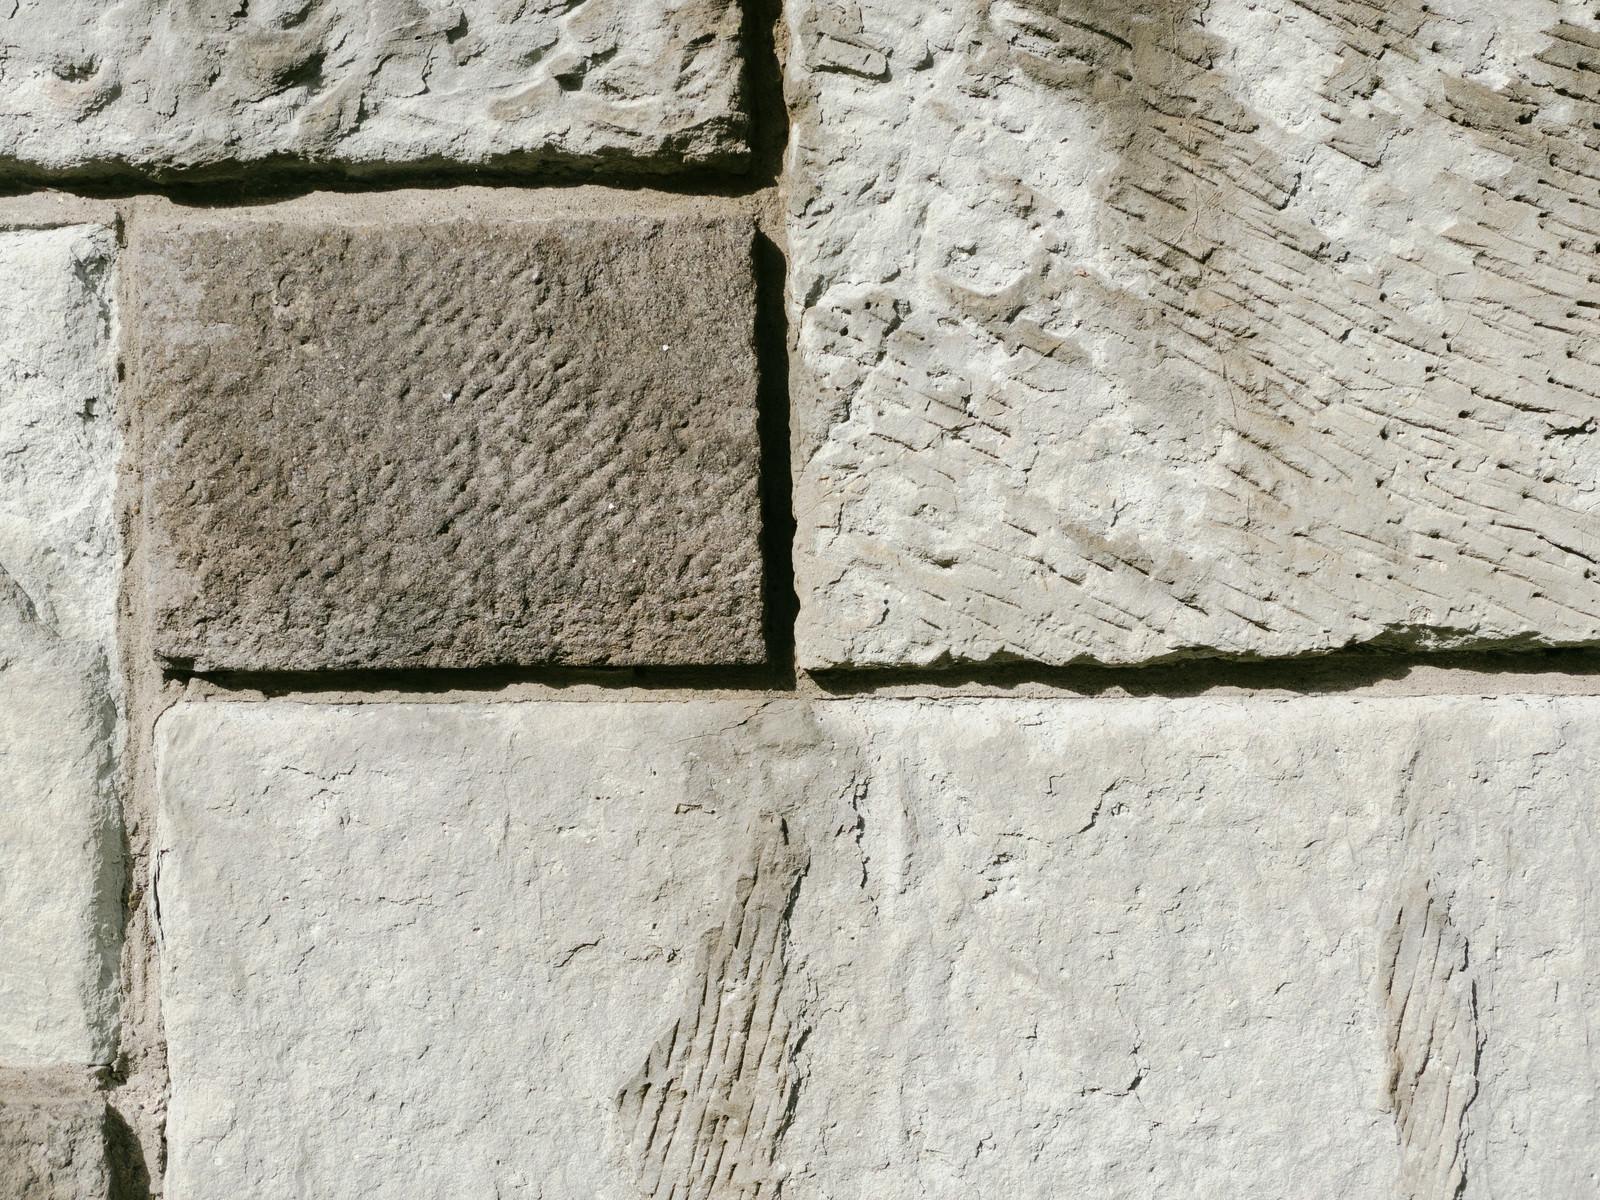 「タイル調のセメント仕上げの壁(テクスチャ)」の写真